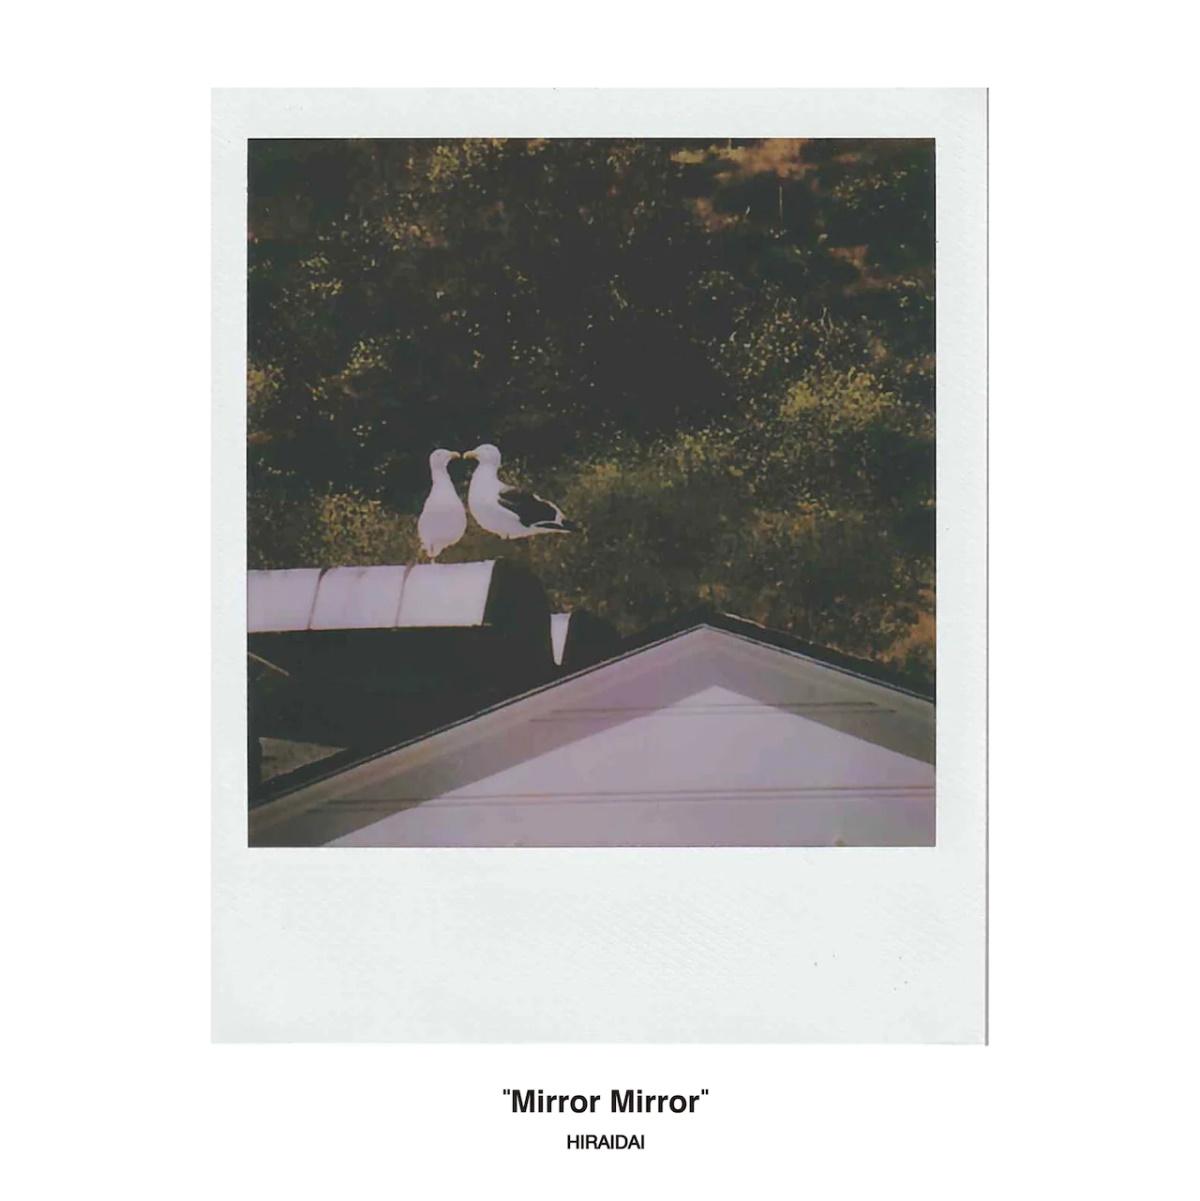 『平井大 - MIRROR MIRROR』収録の『MIRROR MIRROR』ジャケット